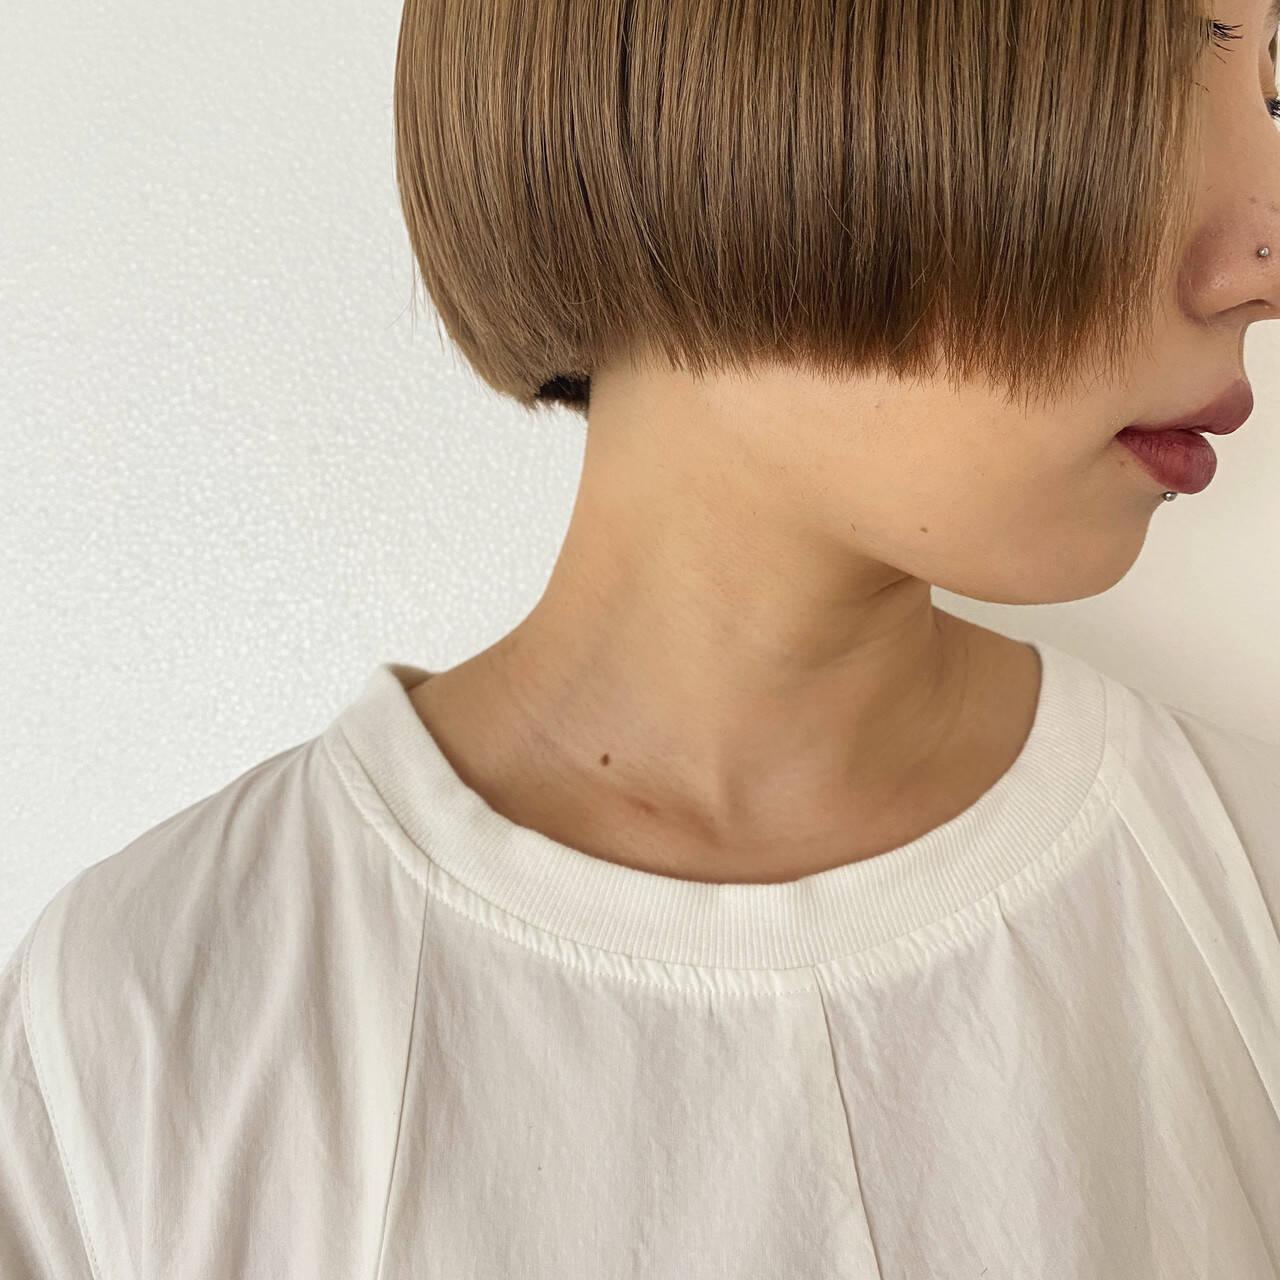 ショートヘア ベリーショート ミニボブ ショートボブヘアスタイルや髪型の写真・画像